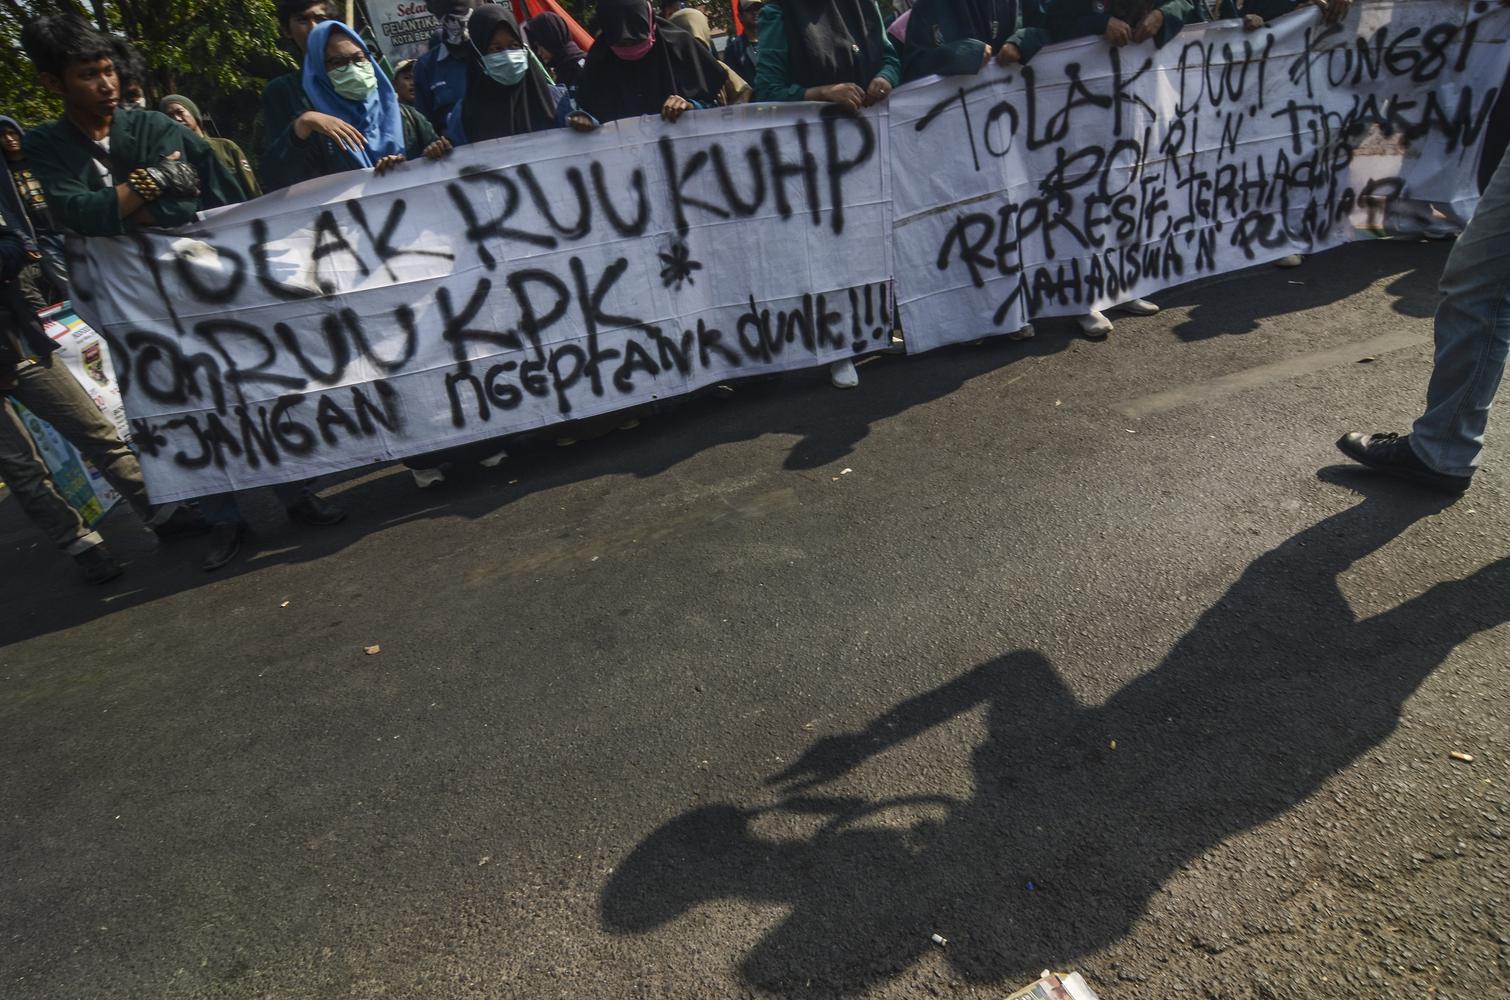 Sejumlah mahasiswa dari universitas se-Bekasi menggelar aksi unjuk rasa di depan gedung DPRD, Kota Bekasi, Jawa Barat, Kamis (26/9/2019) menolak Rancangan Kitab Undang-Undang Hukum Pidana (RKUHP). Aliansi Nasional Reformasi mendesak DPR dan pemerintah unt